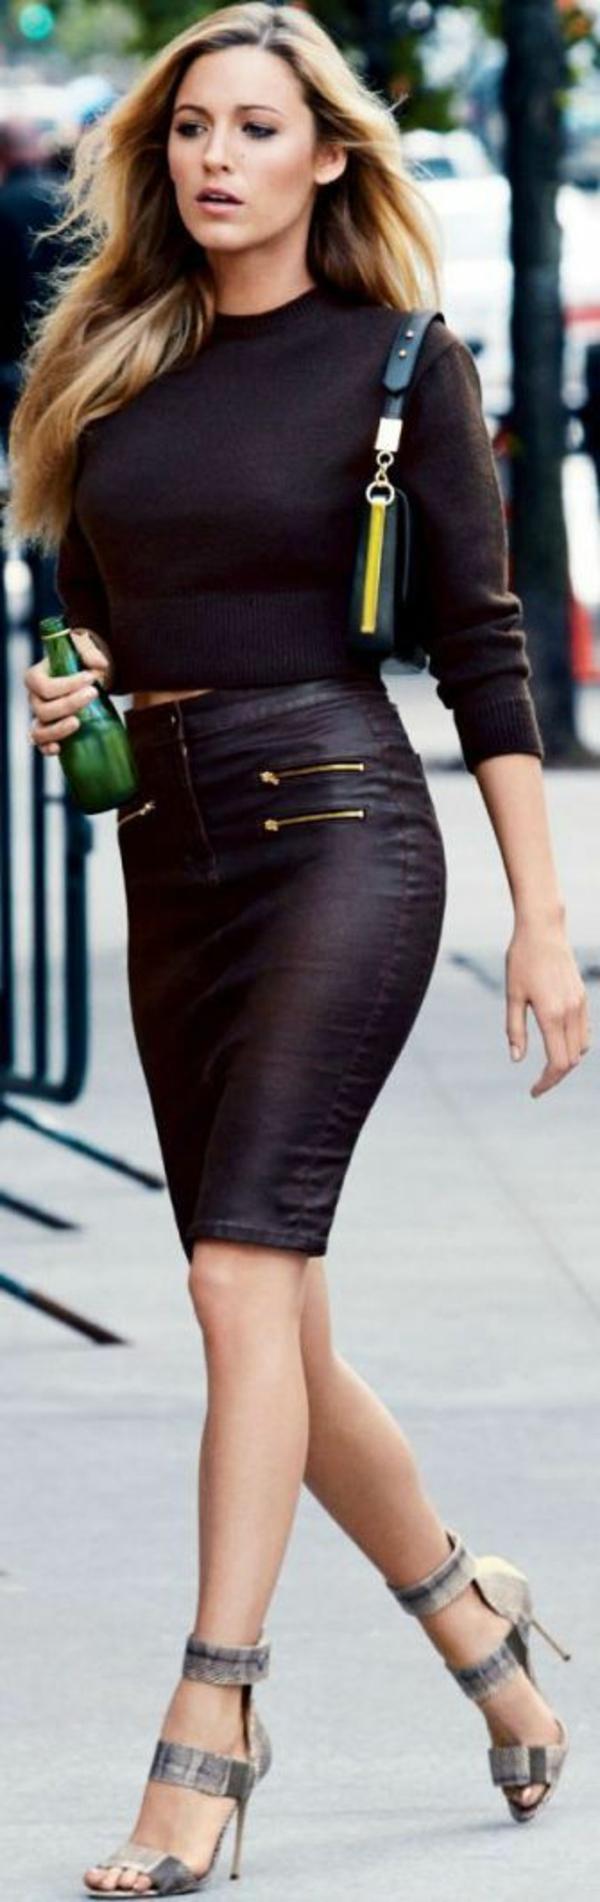 Jupe-simili-cuir-tenue-de-jour-2015-blake-lively-sandales